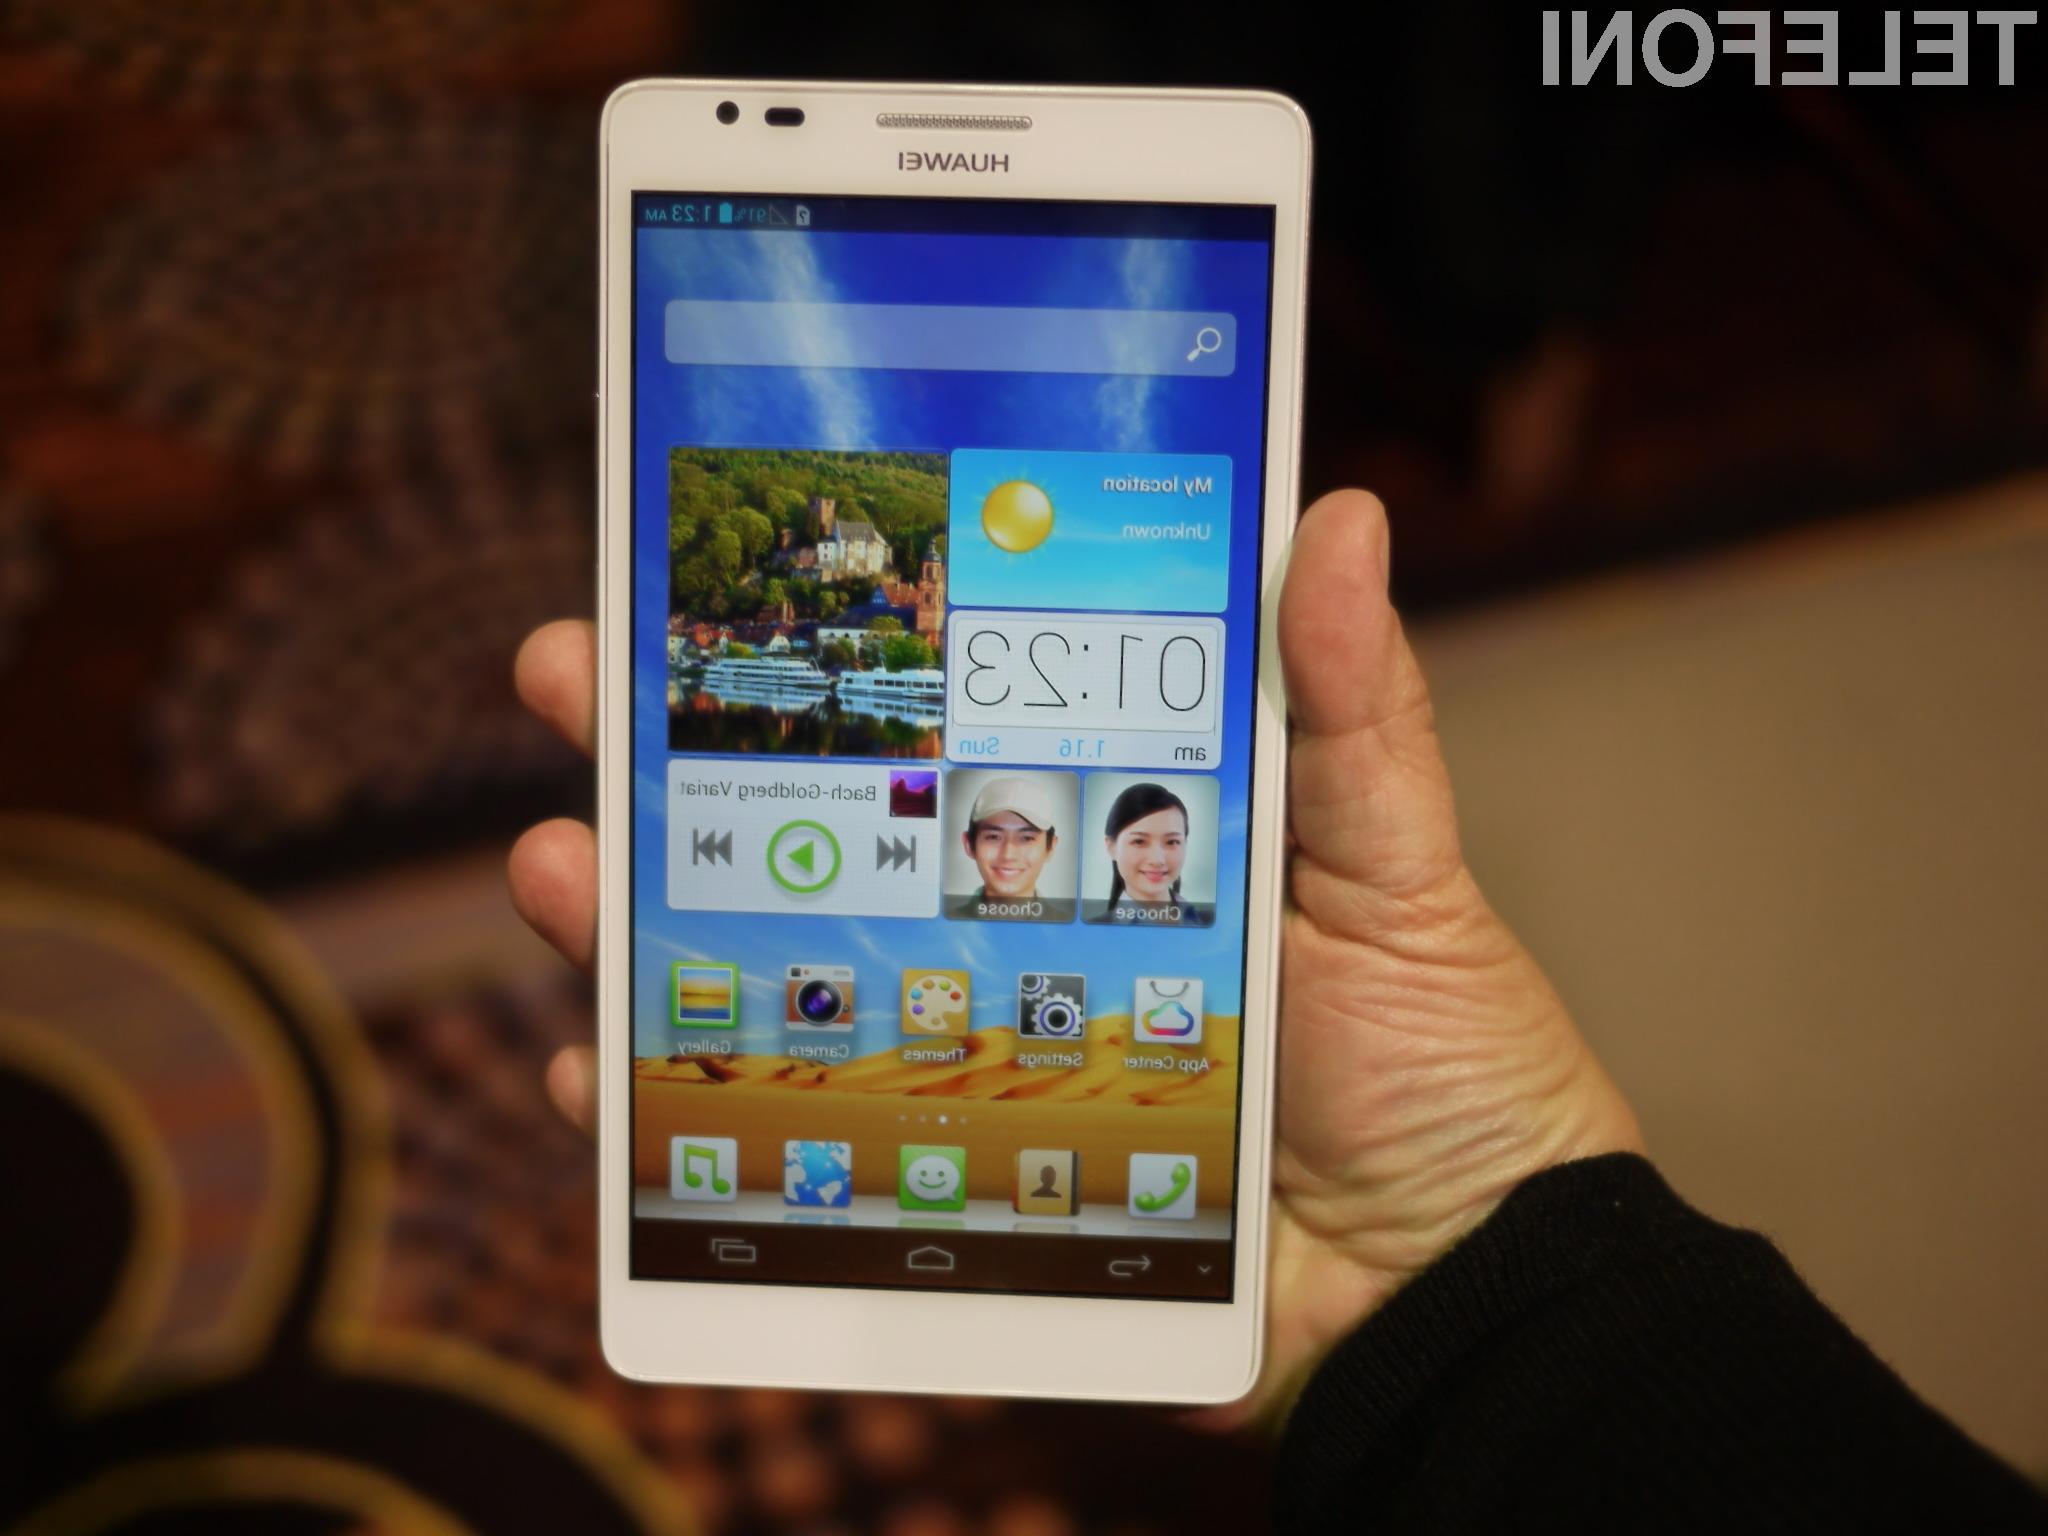 Kupci posegajo po vse večjih pametnih mobilnih telefonih!